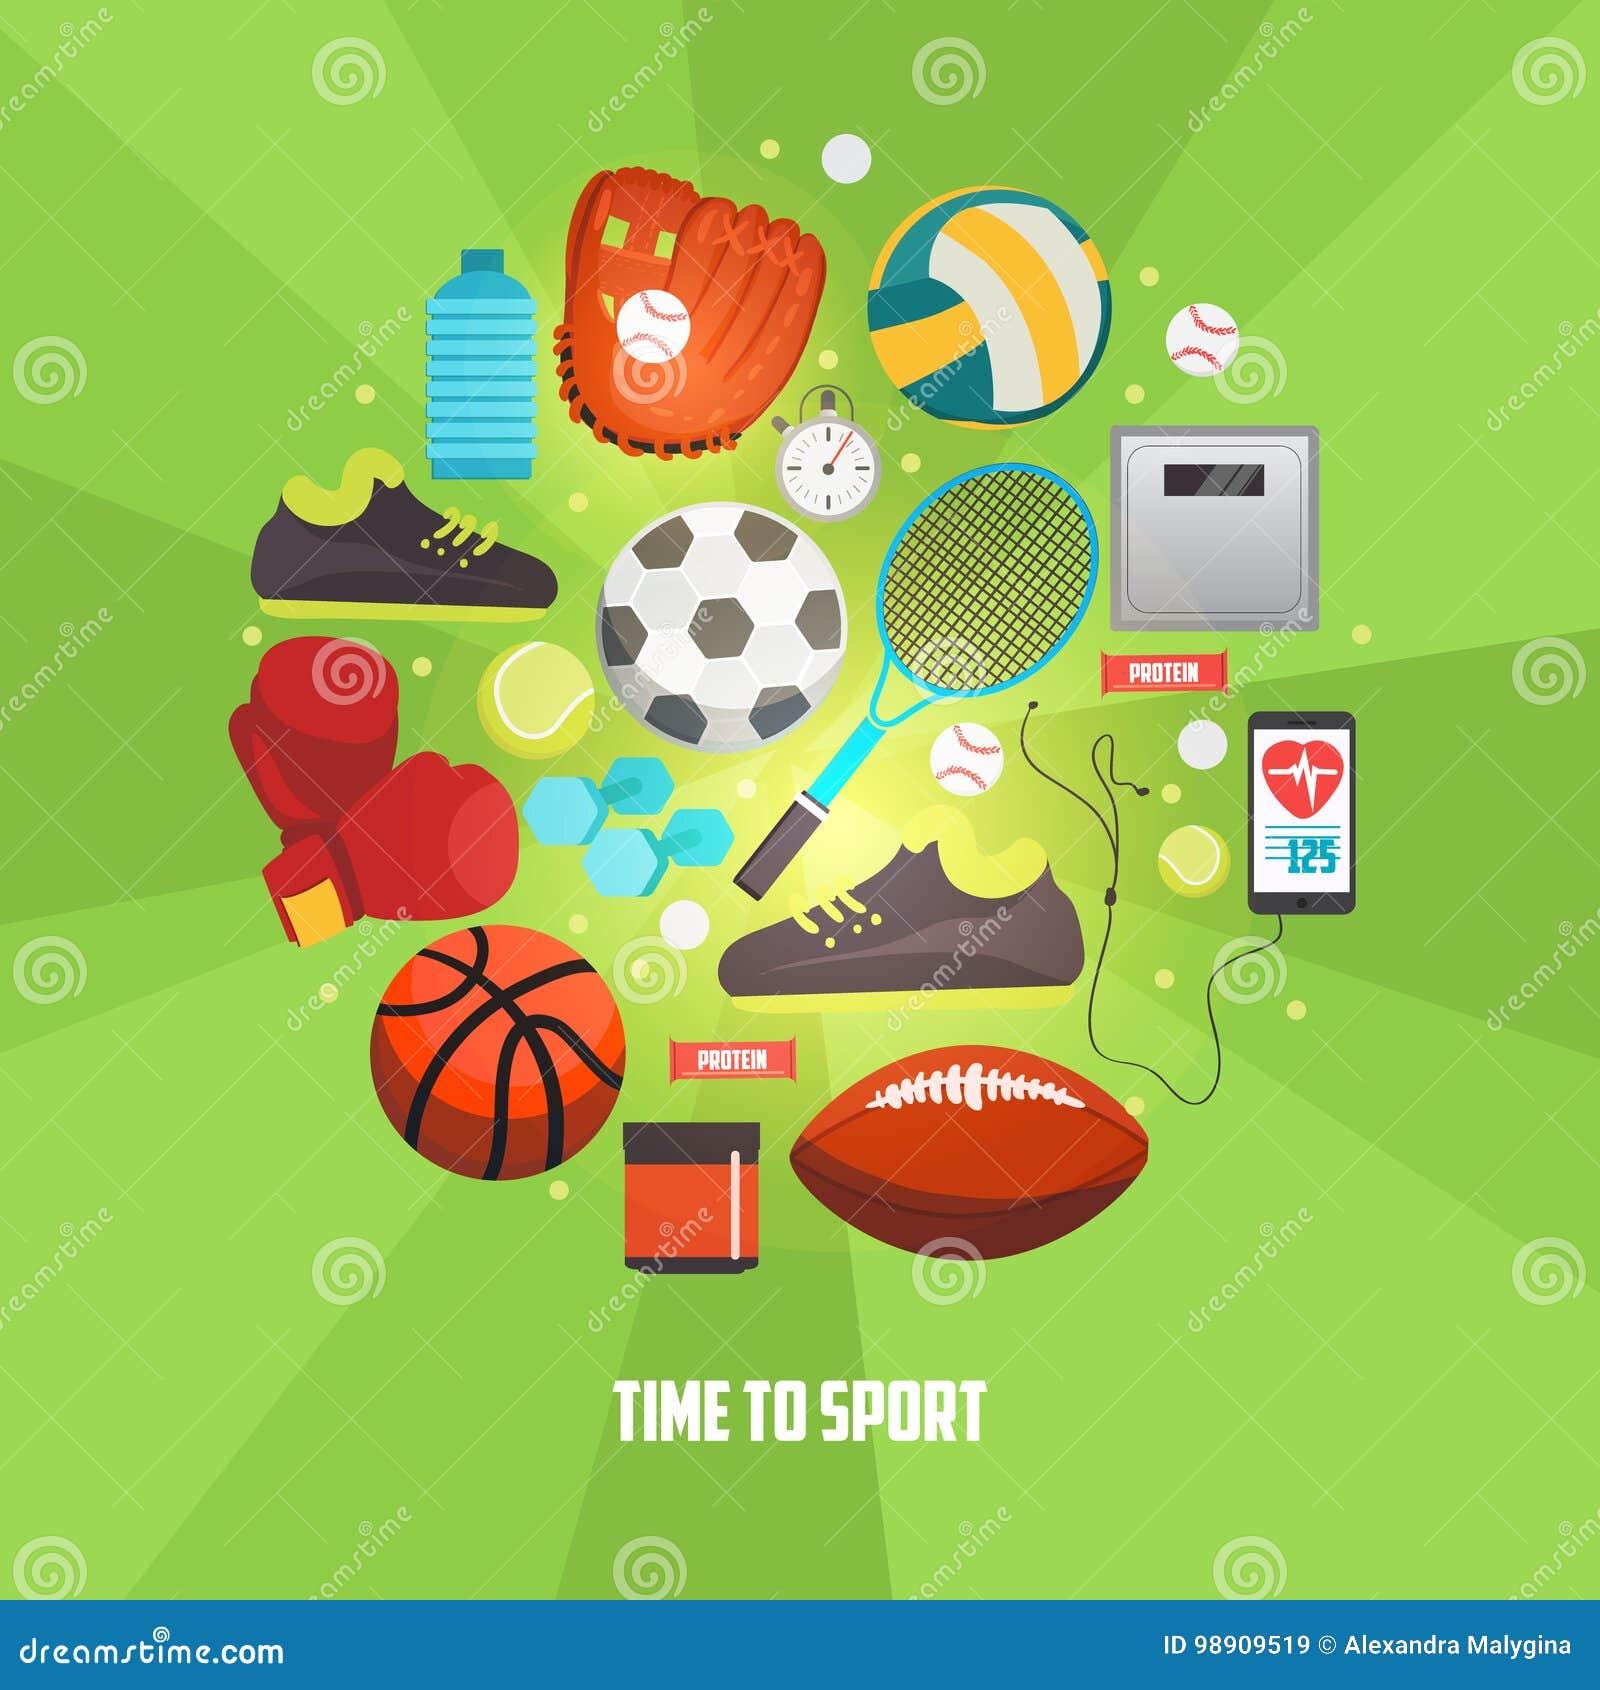 6e96d309f Bolas do esporte e ícones dos artigos do jogo ajustados Vector o conceito  com equipamento de esporte para jogos competitivos Ilustração criativa do  esporte